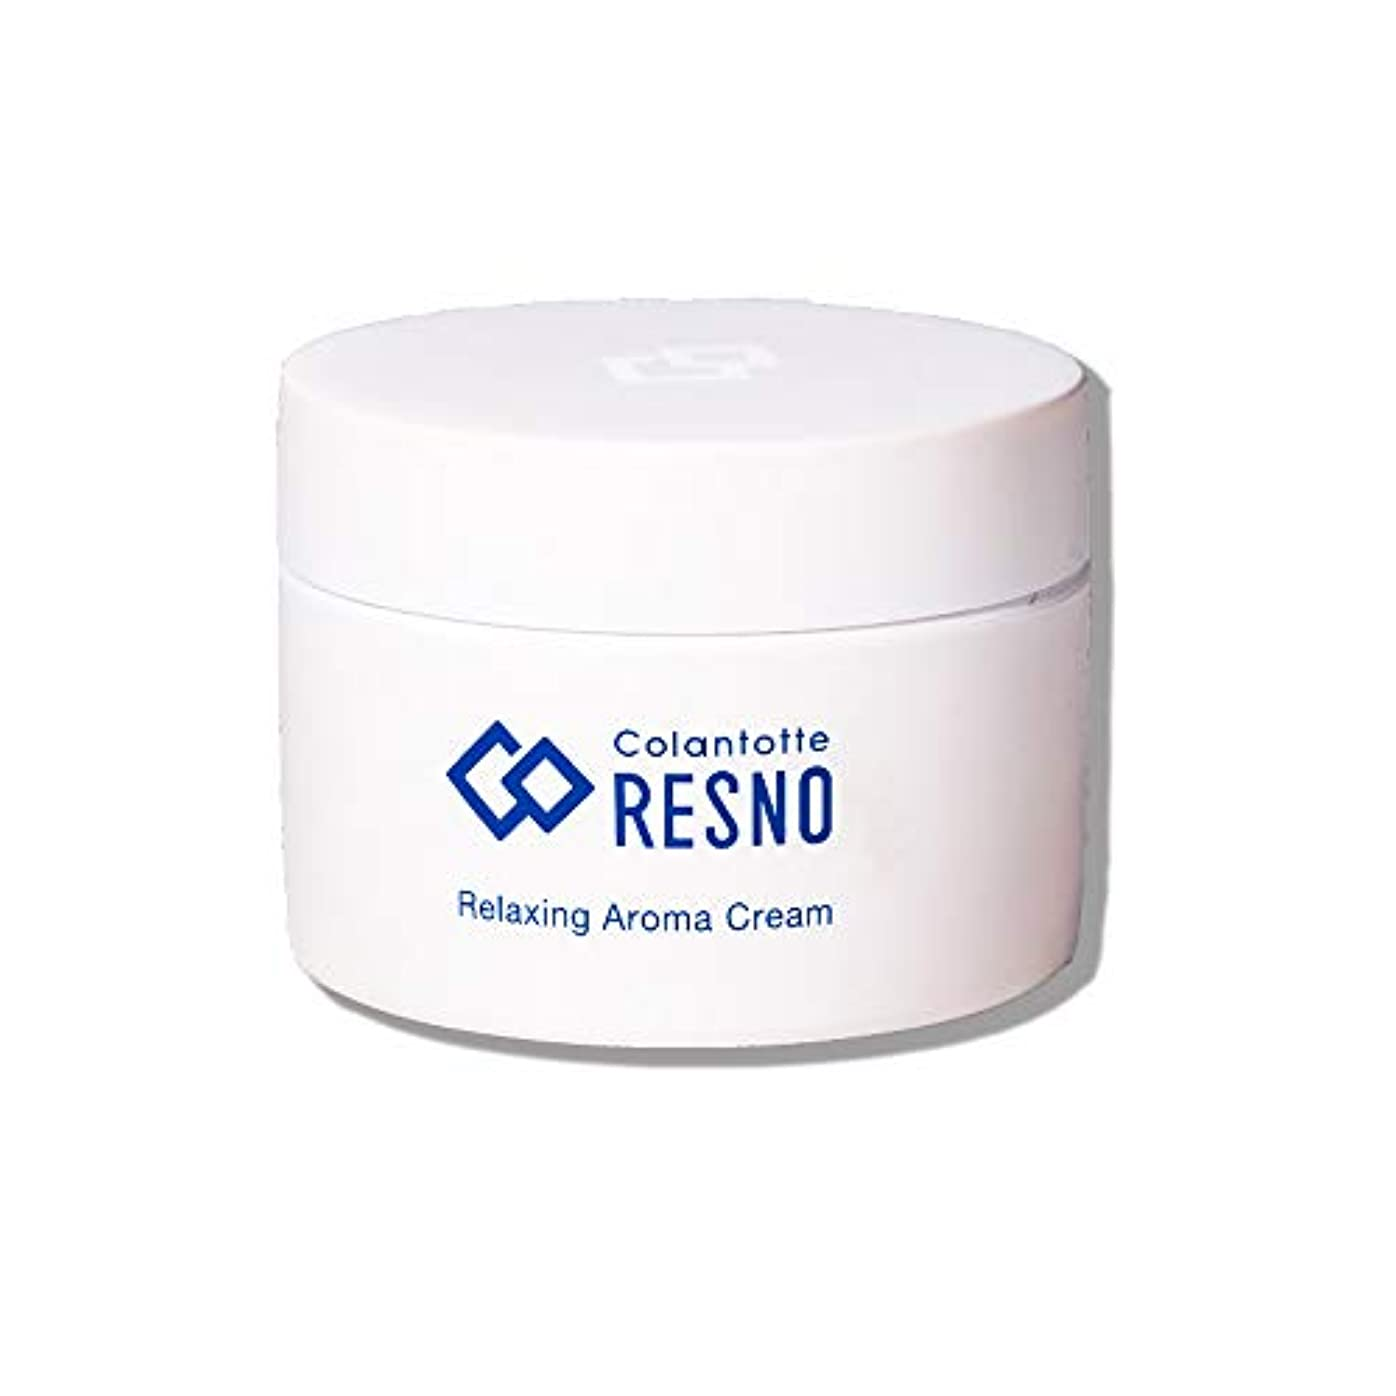 資源はさみペースコラントッテ RESNO リラクシング アロマ クリーム 50g colantotte RELAXING AROMA CREAM ボディクリーム